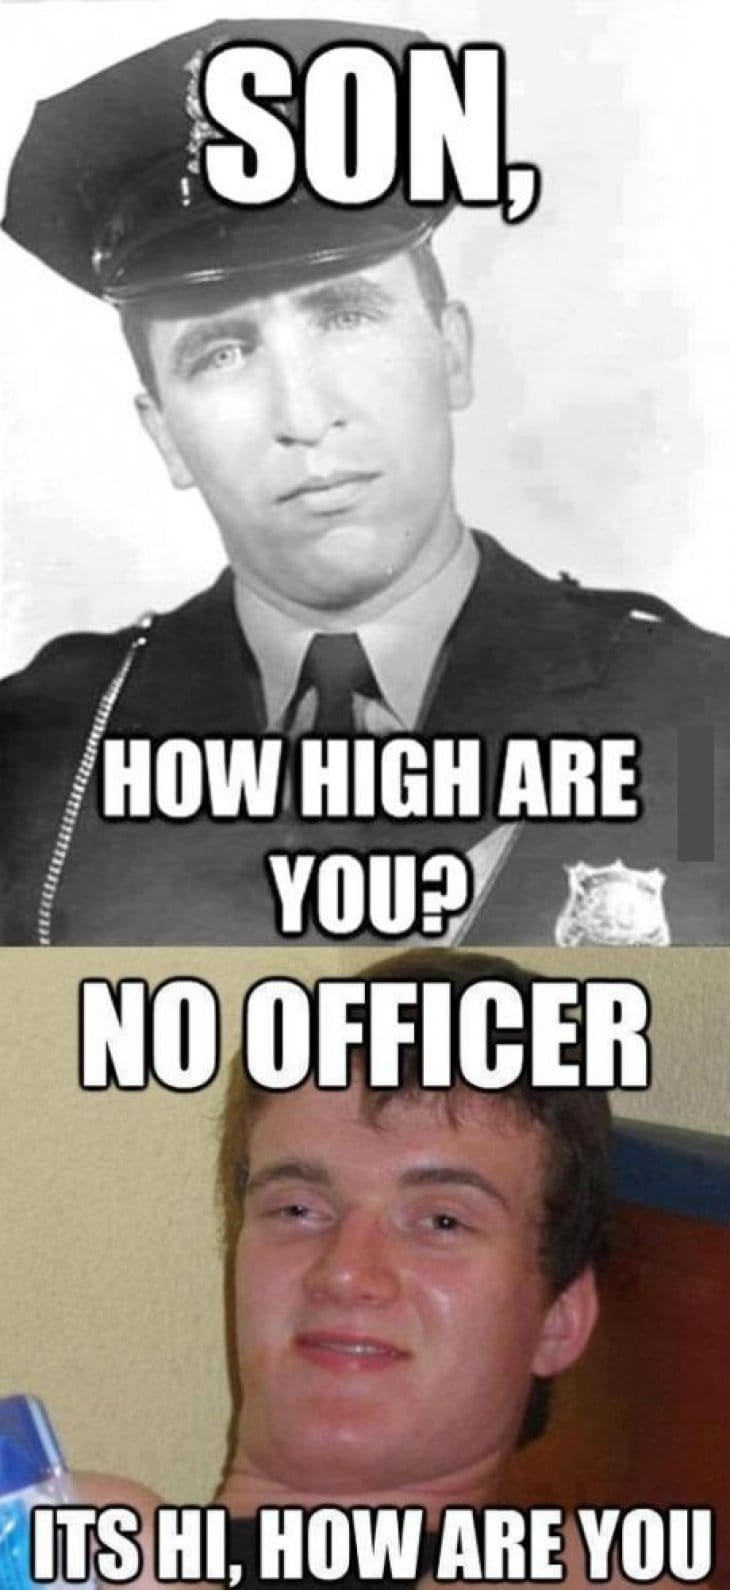 said-he-to-the-policeman